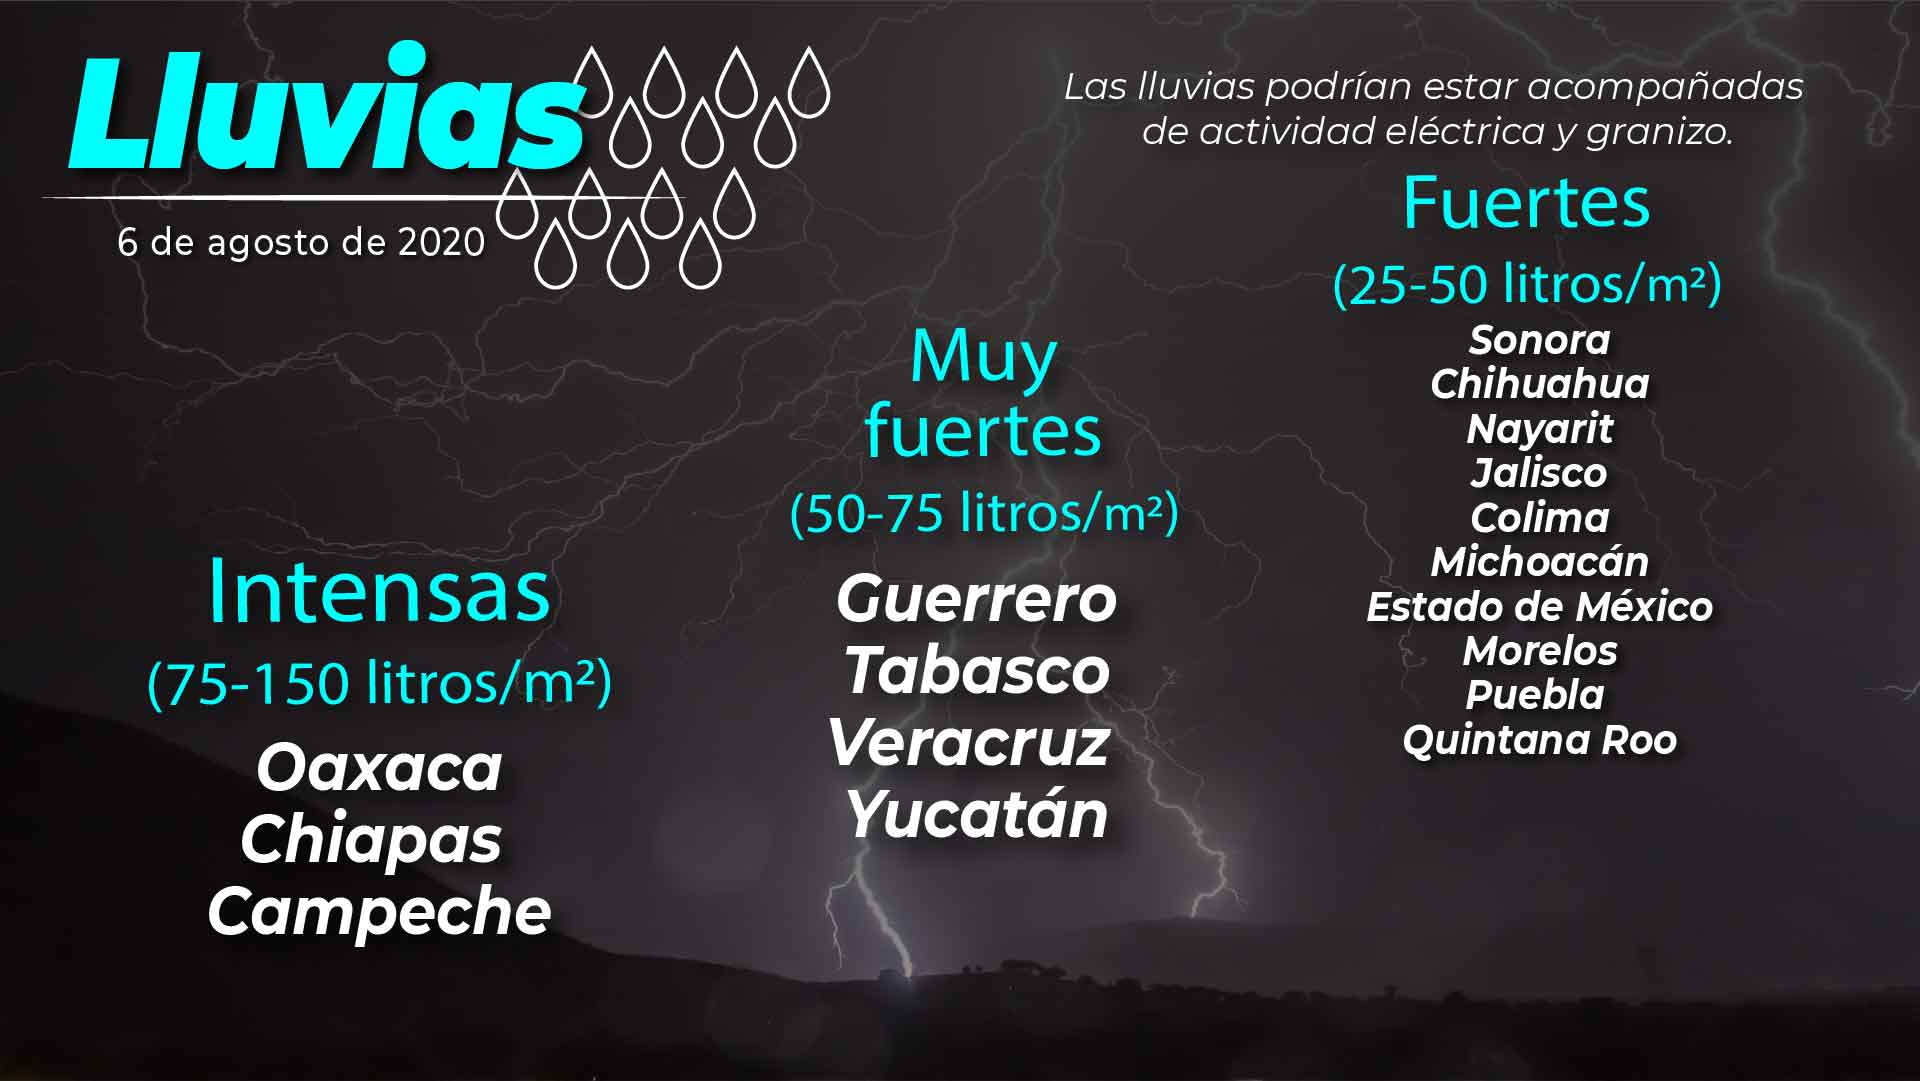 Para Campeche, Chiapas y Oaxaca, se pronostican lluvias intensas con descargas eléctricas y granizadas